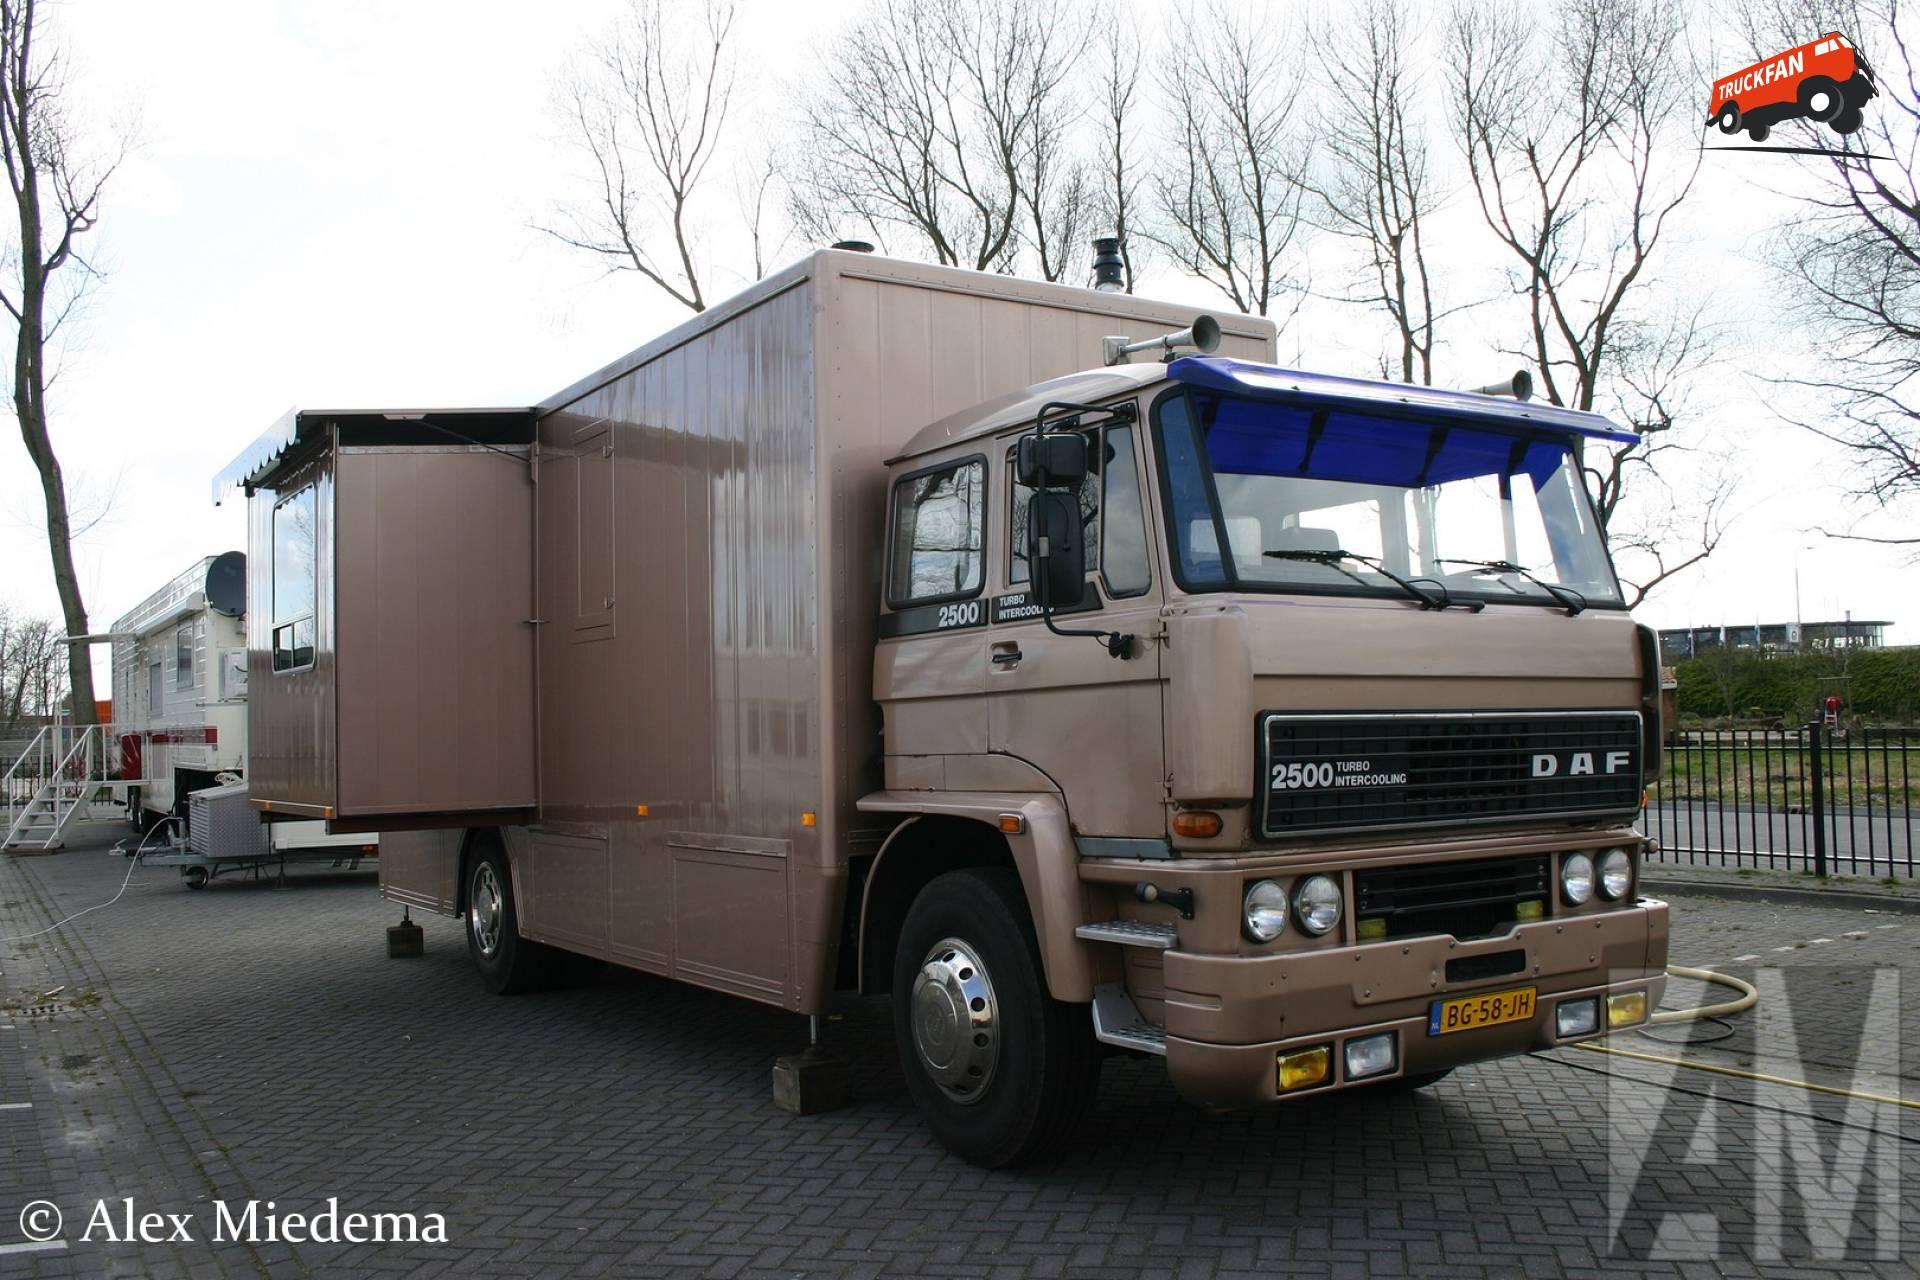 DAF 2500